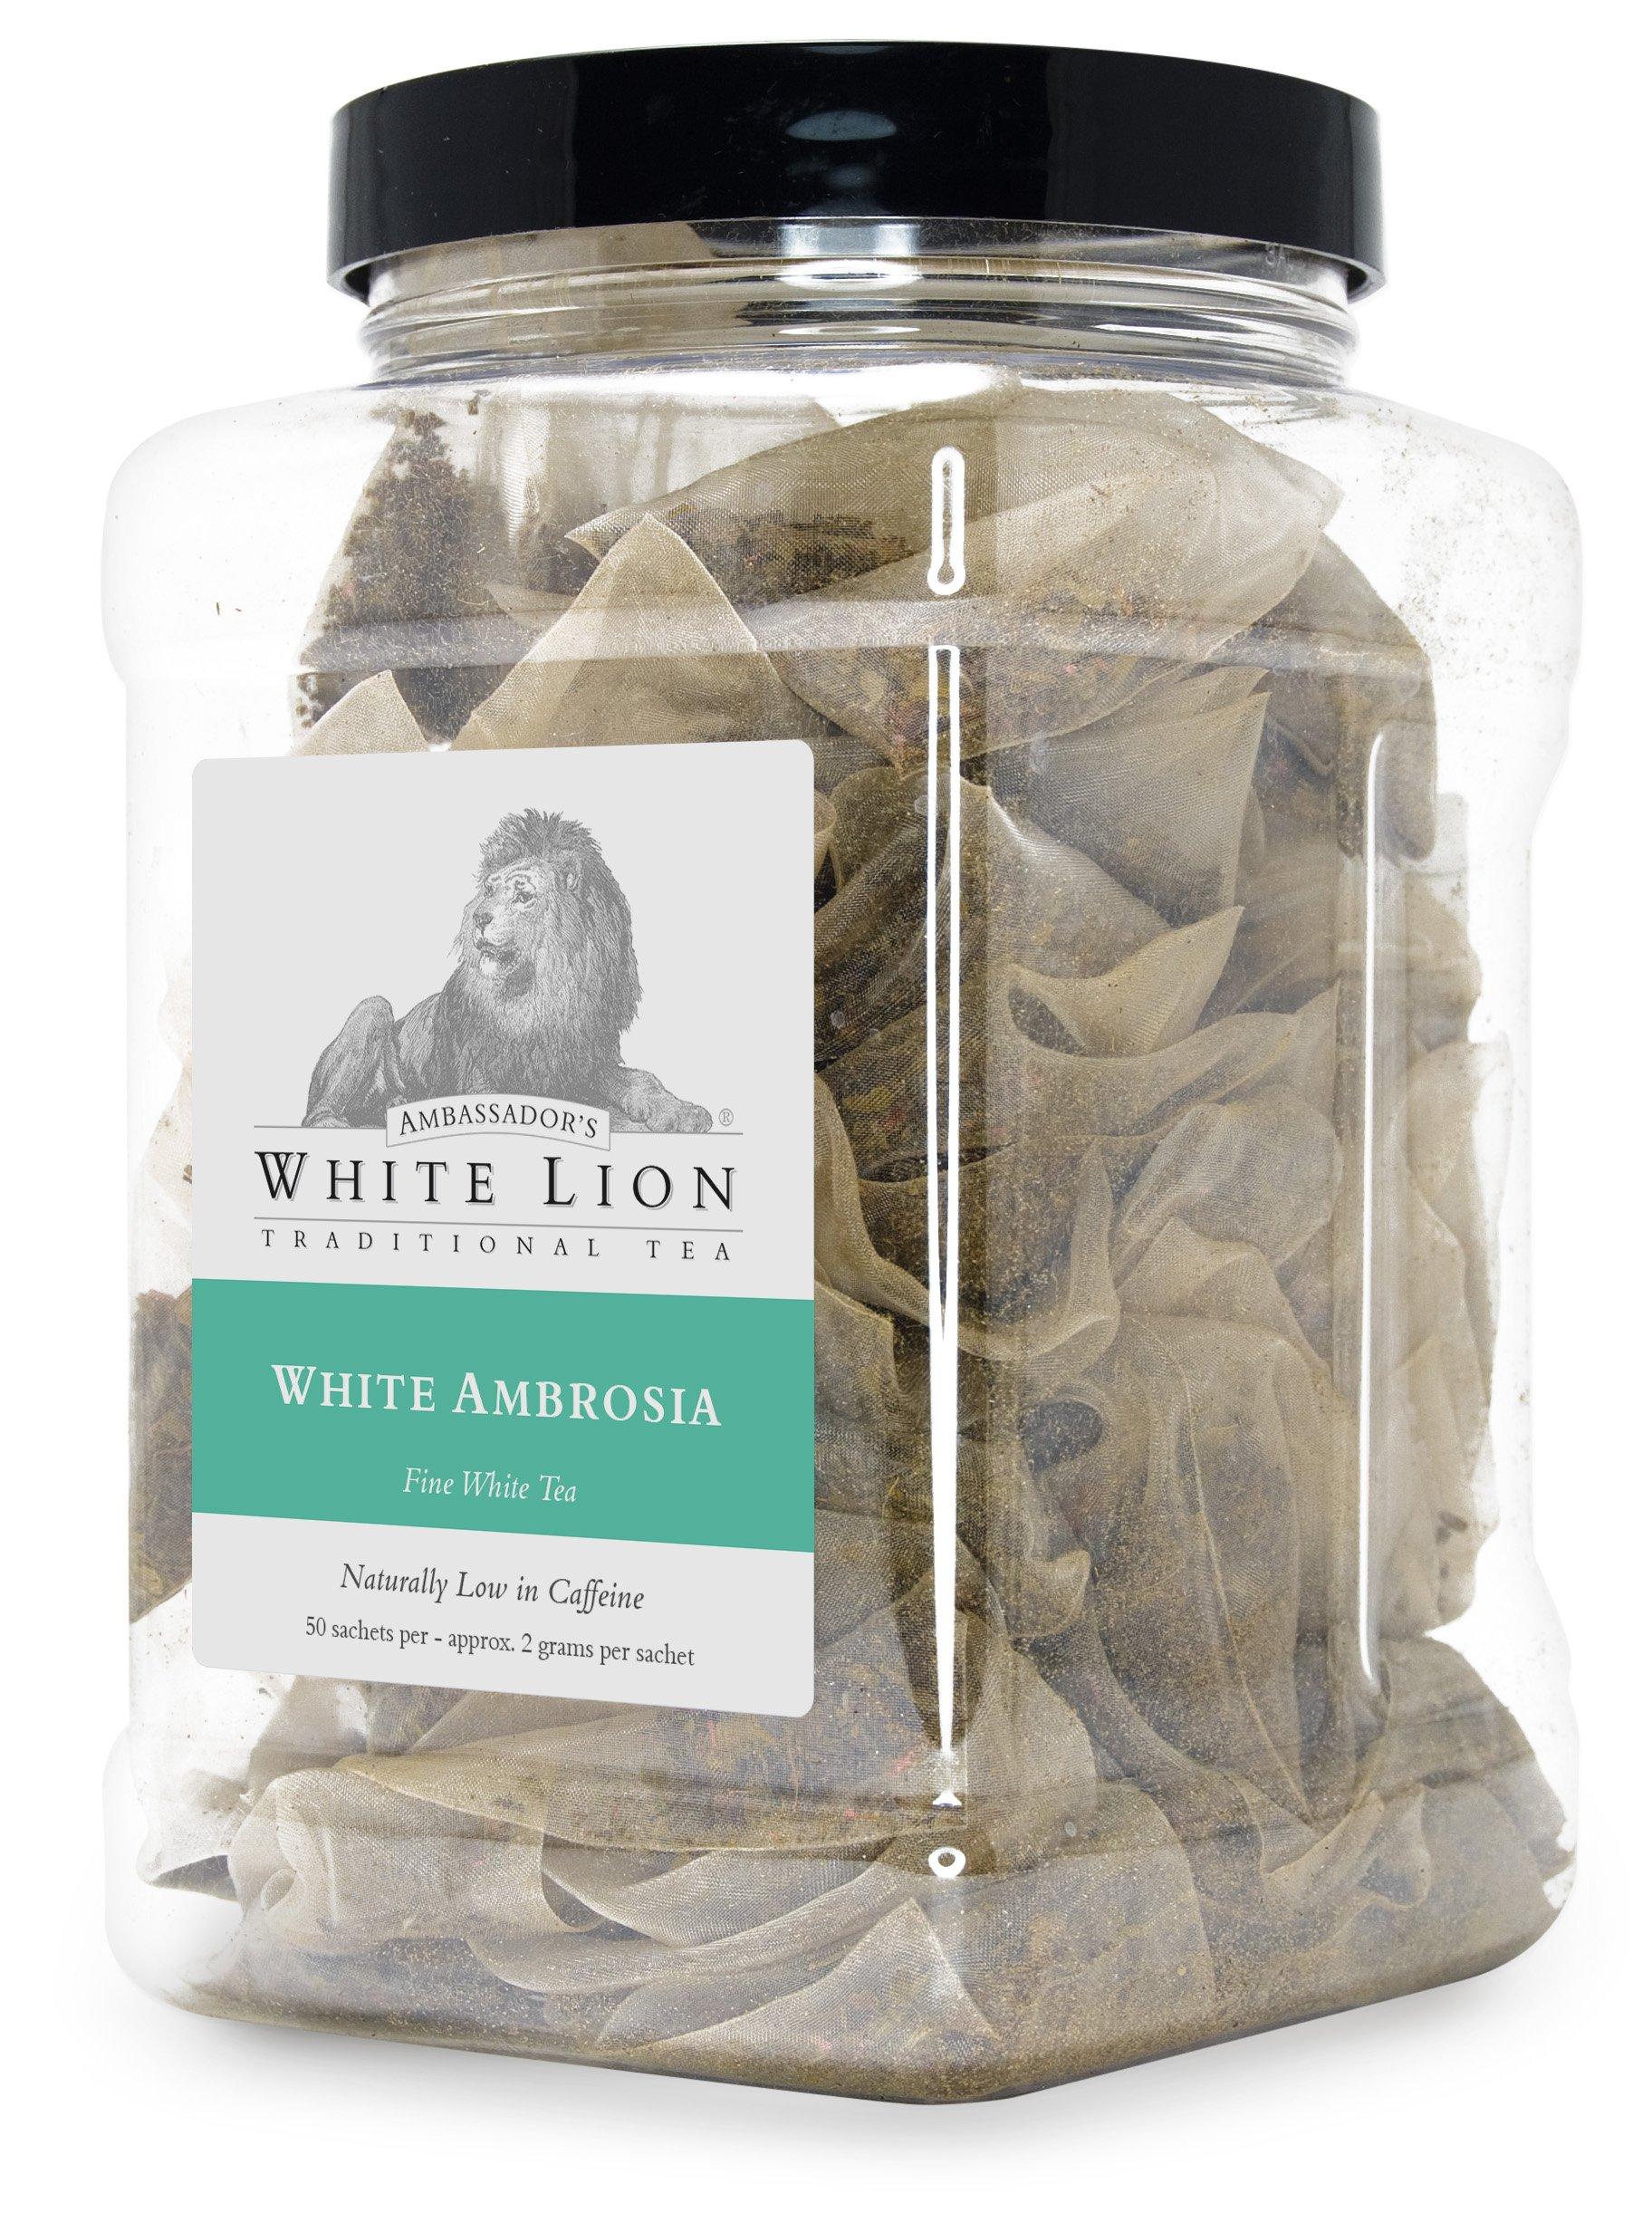 White Lion Limited - White Ambrosia Fine White Tea Bulk Sachets 2-50 Count Case